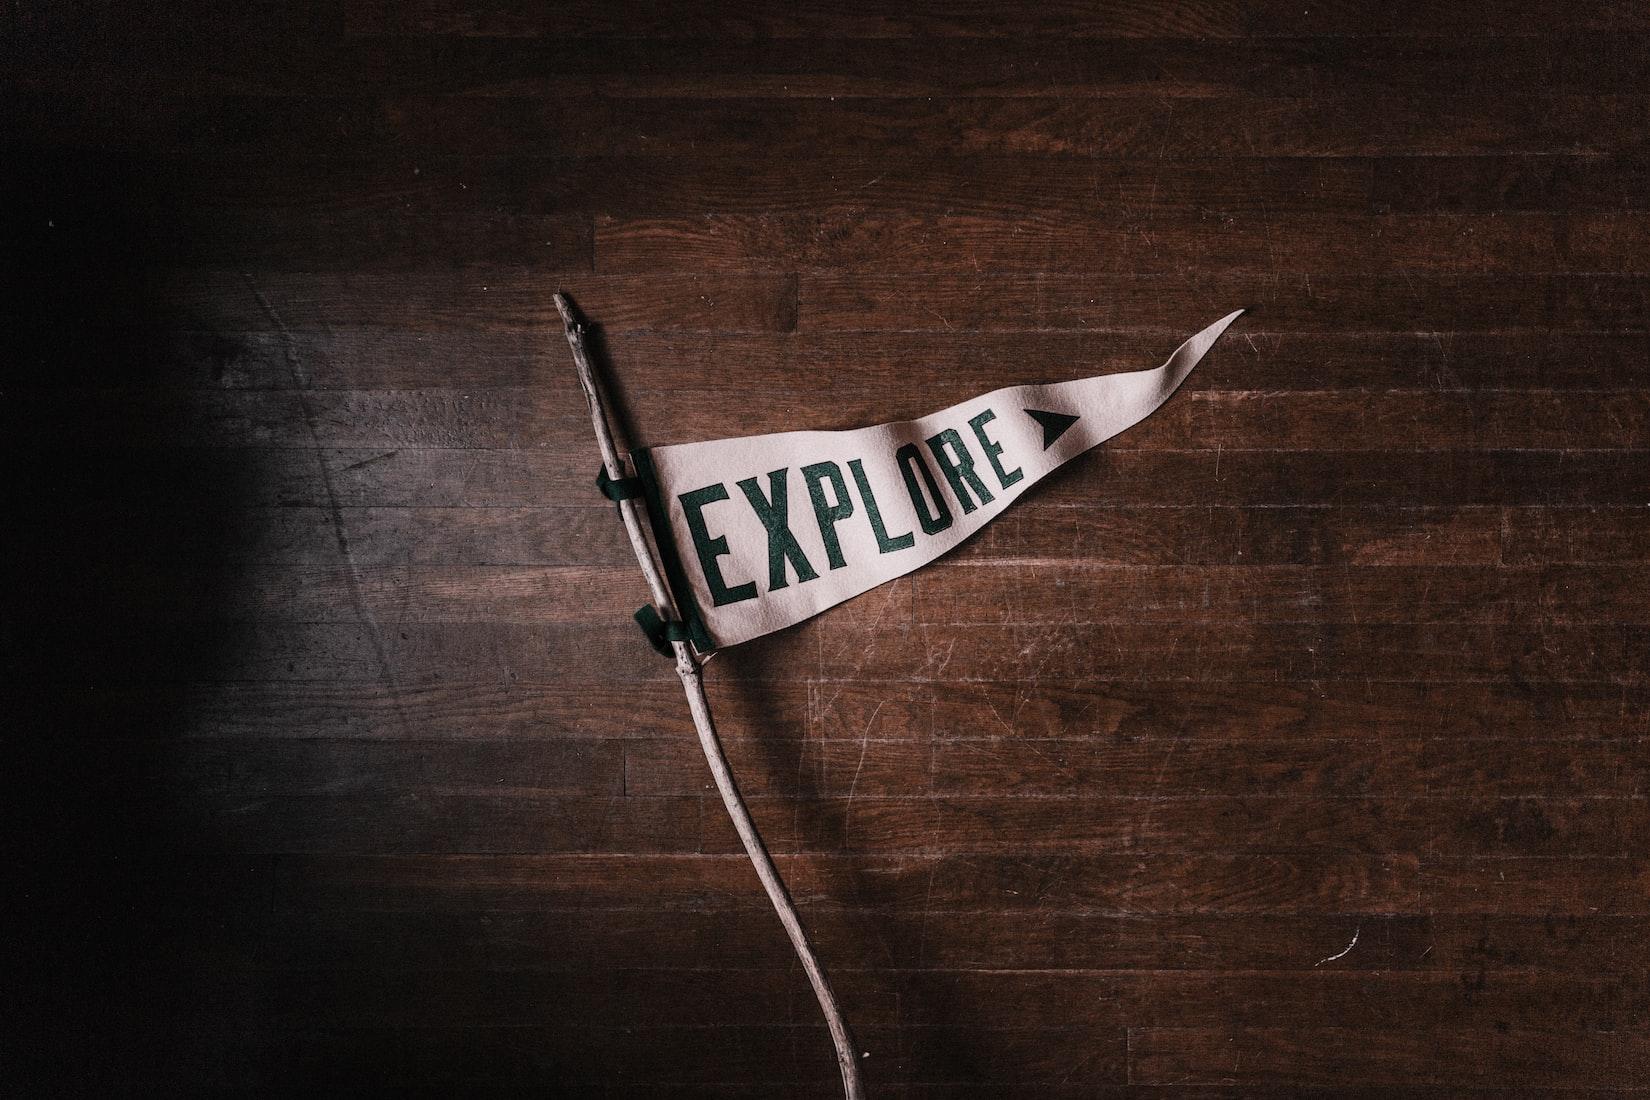 explore sign